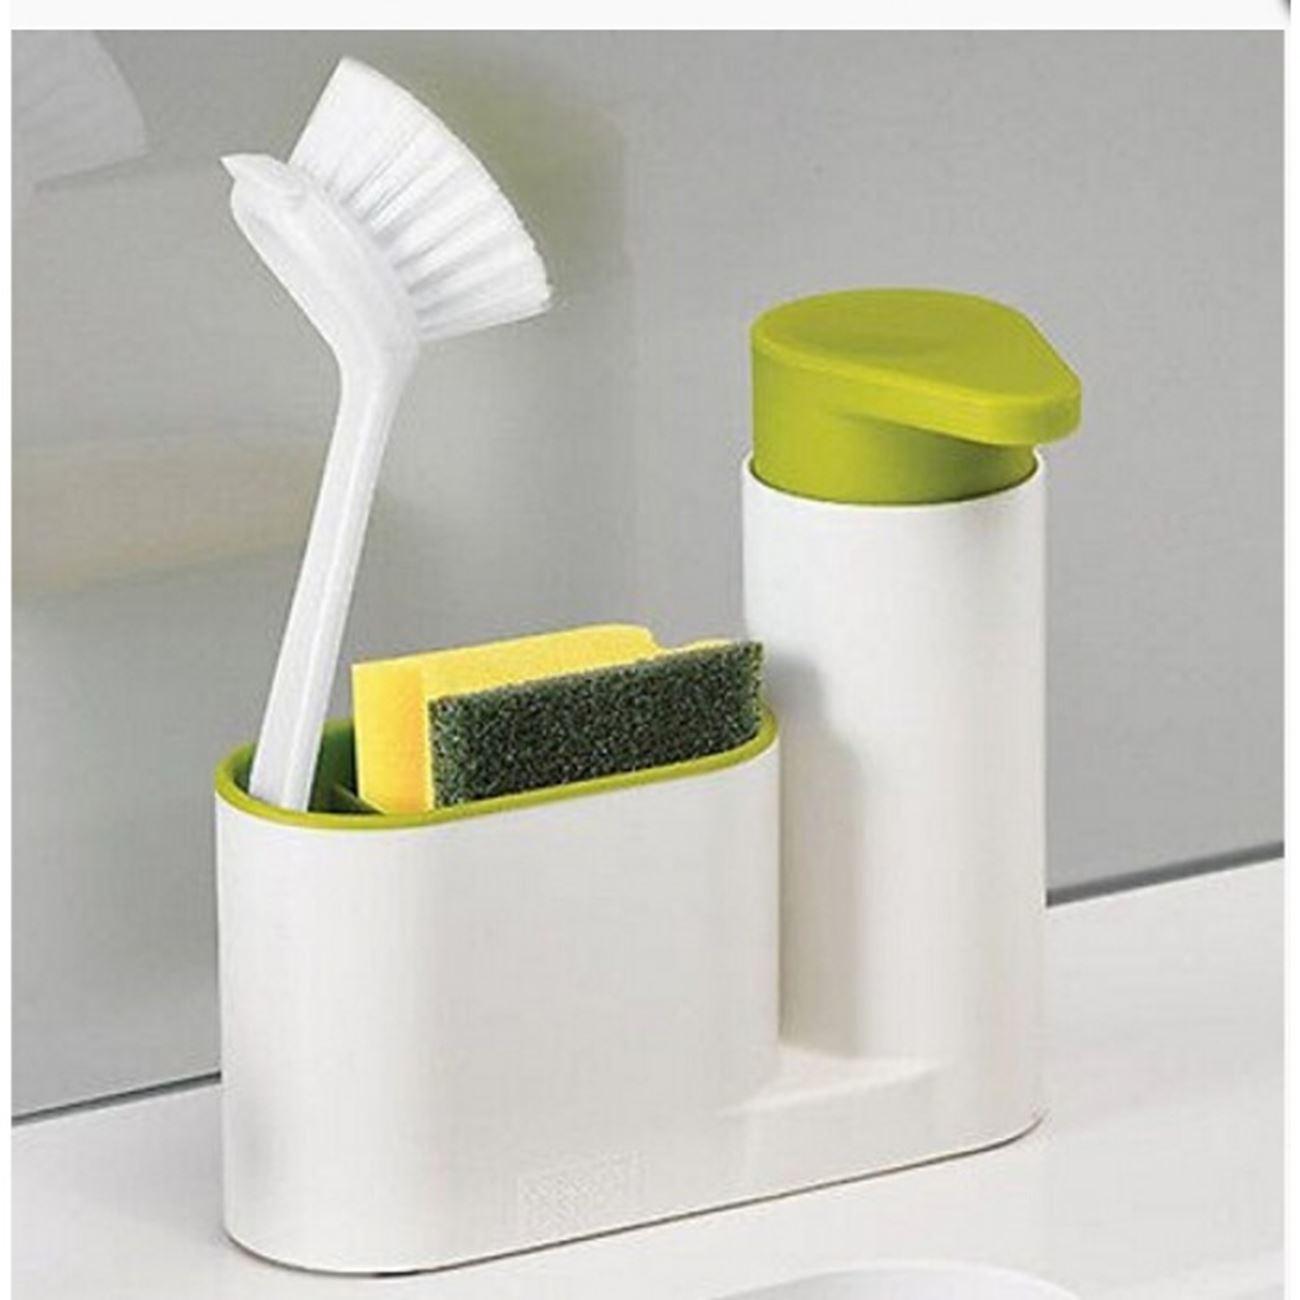 Εργονομική Βάση για Οδοντόβουρτσες-Οδοντόπαστες-Μηχανισμός Press ... d3422ed7928